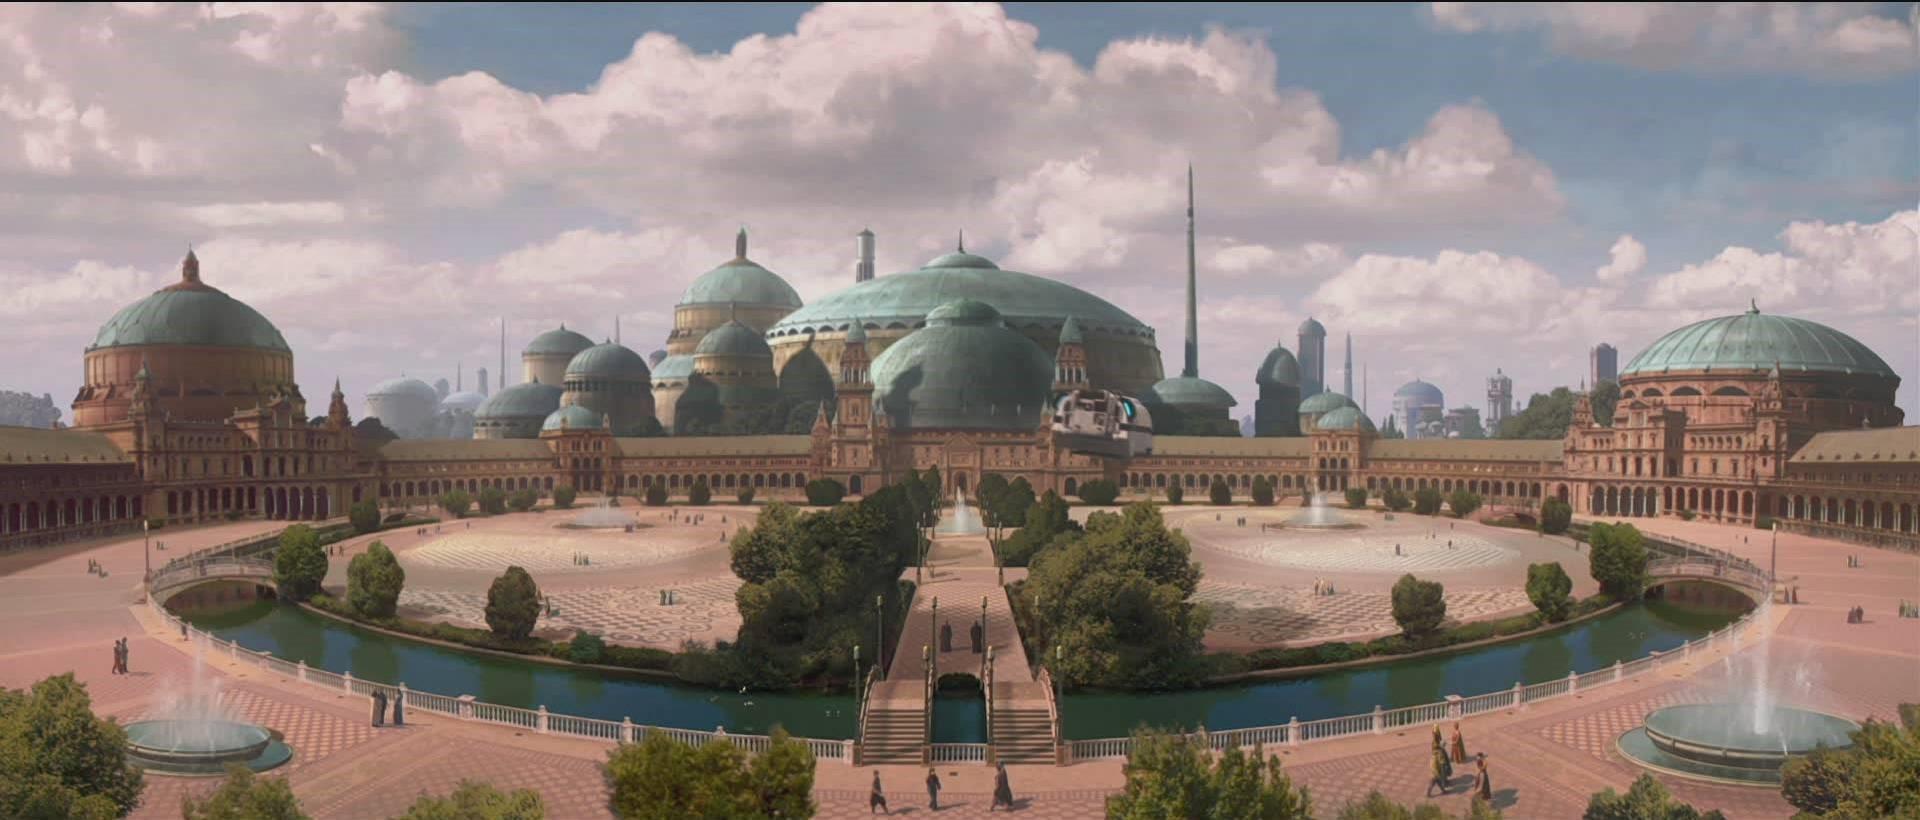 Star Wars Naboo CGI of Plaza De España